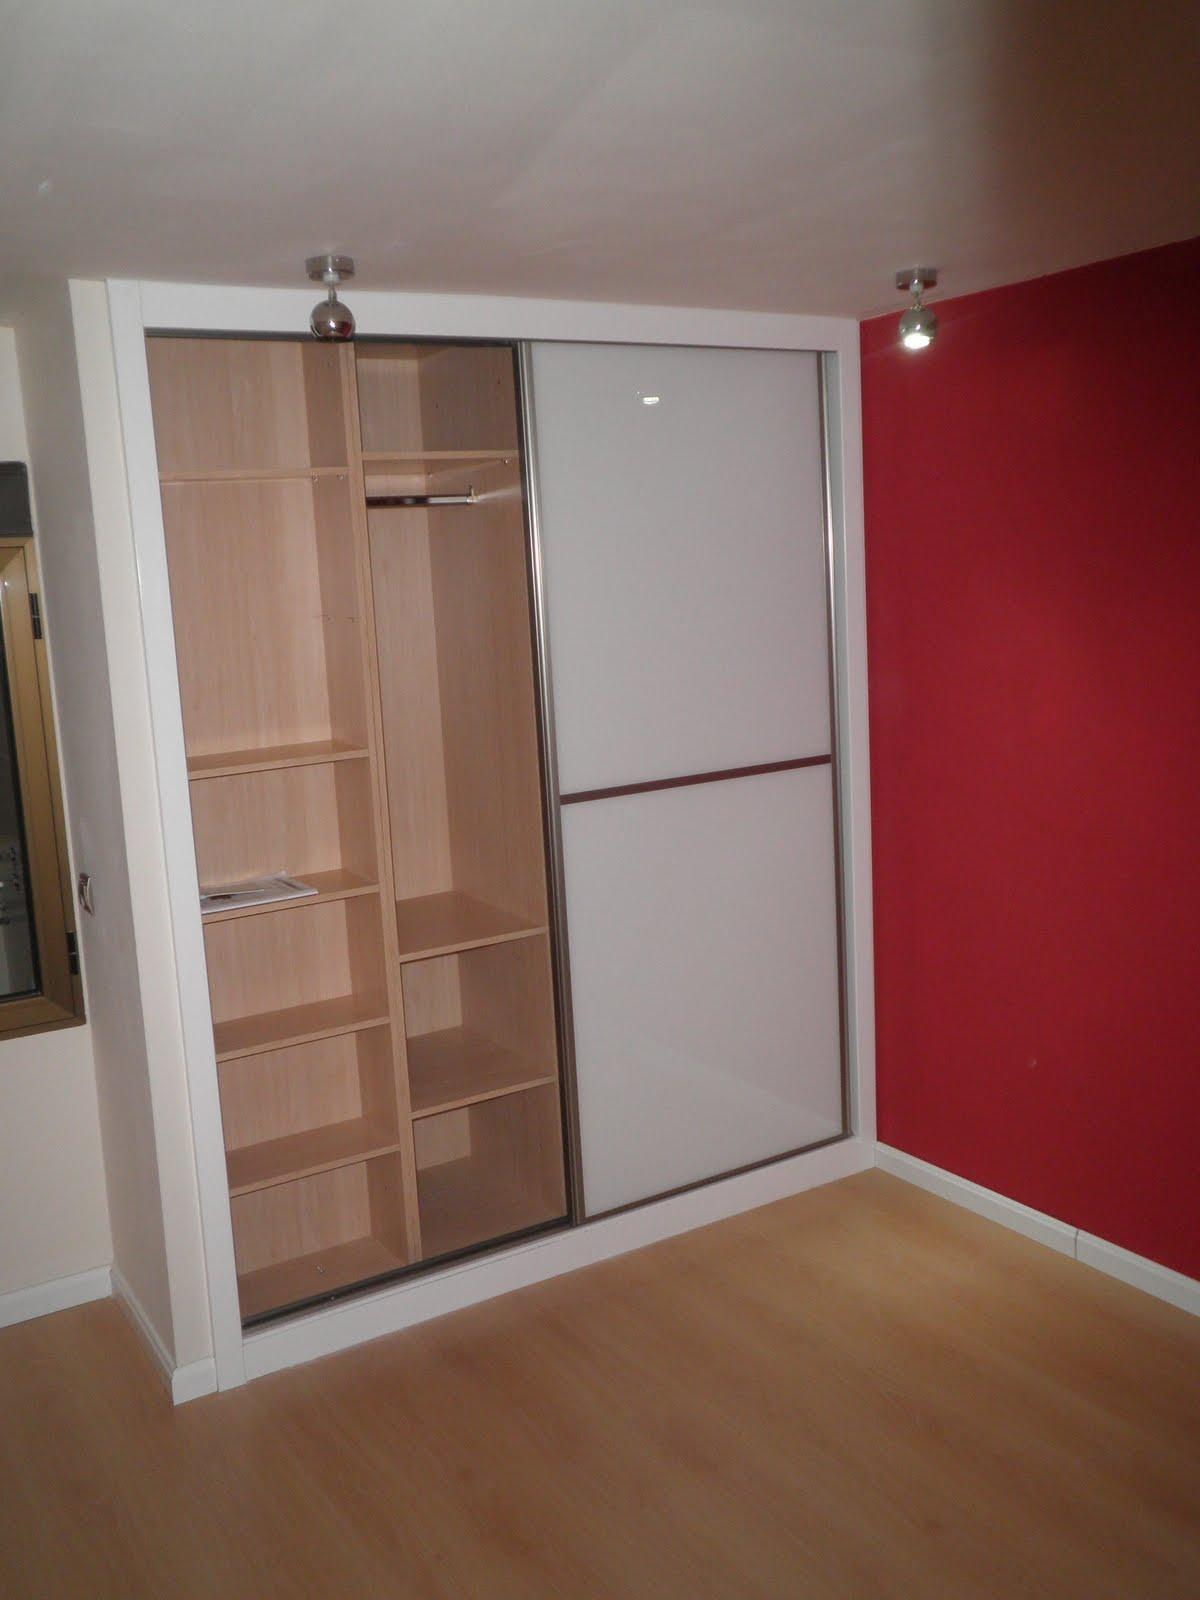 Decoraciones sahuquillo armario puertas correderas cristal - Puertas correderas de armarios ...